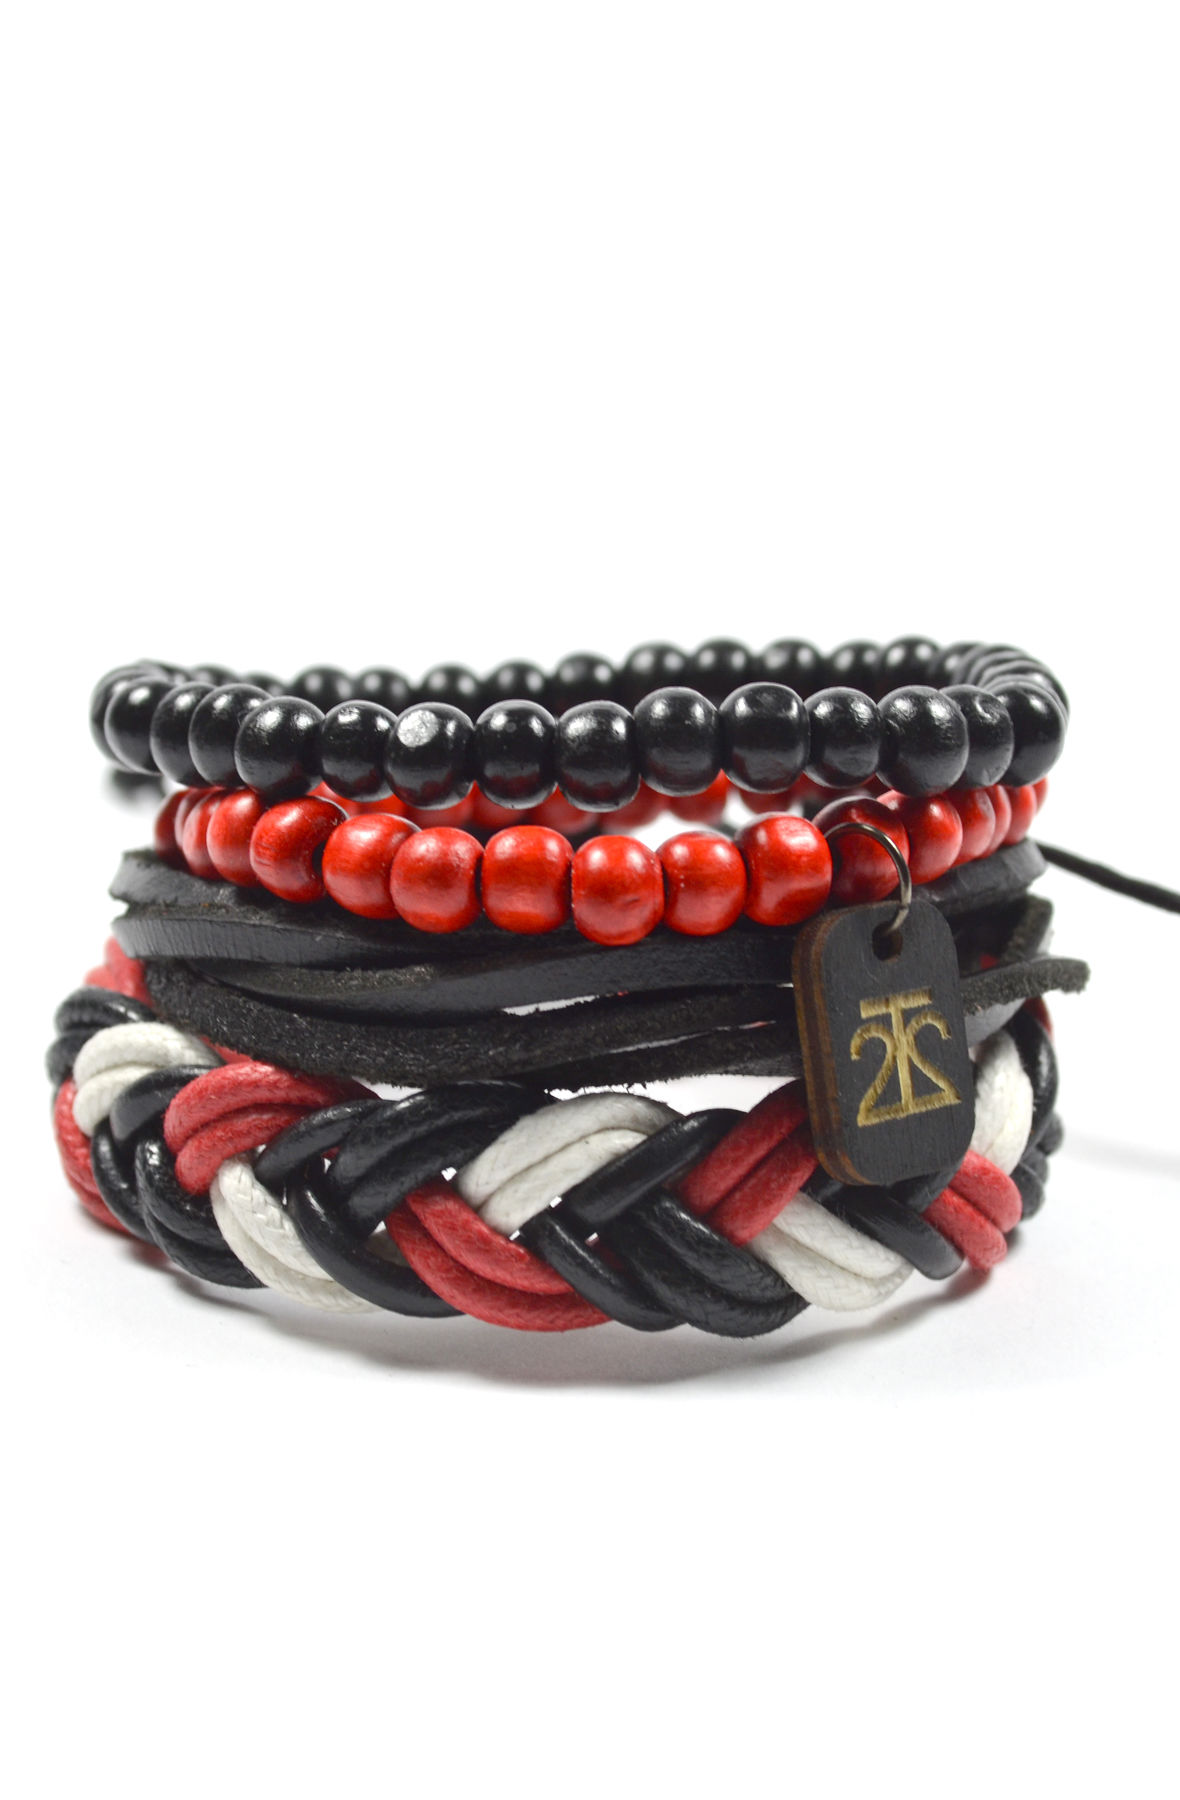 4 Pack Red/Black/White Men's Bracelet Set